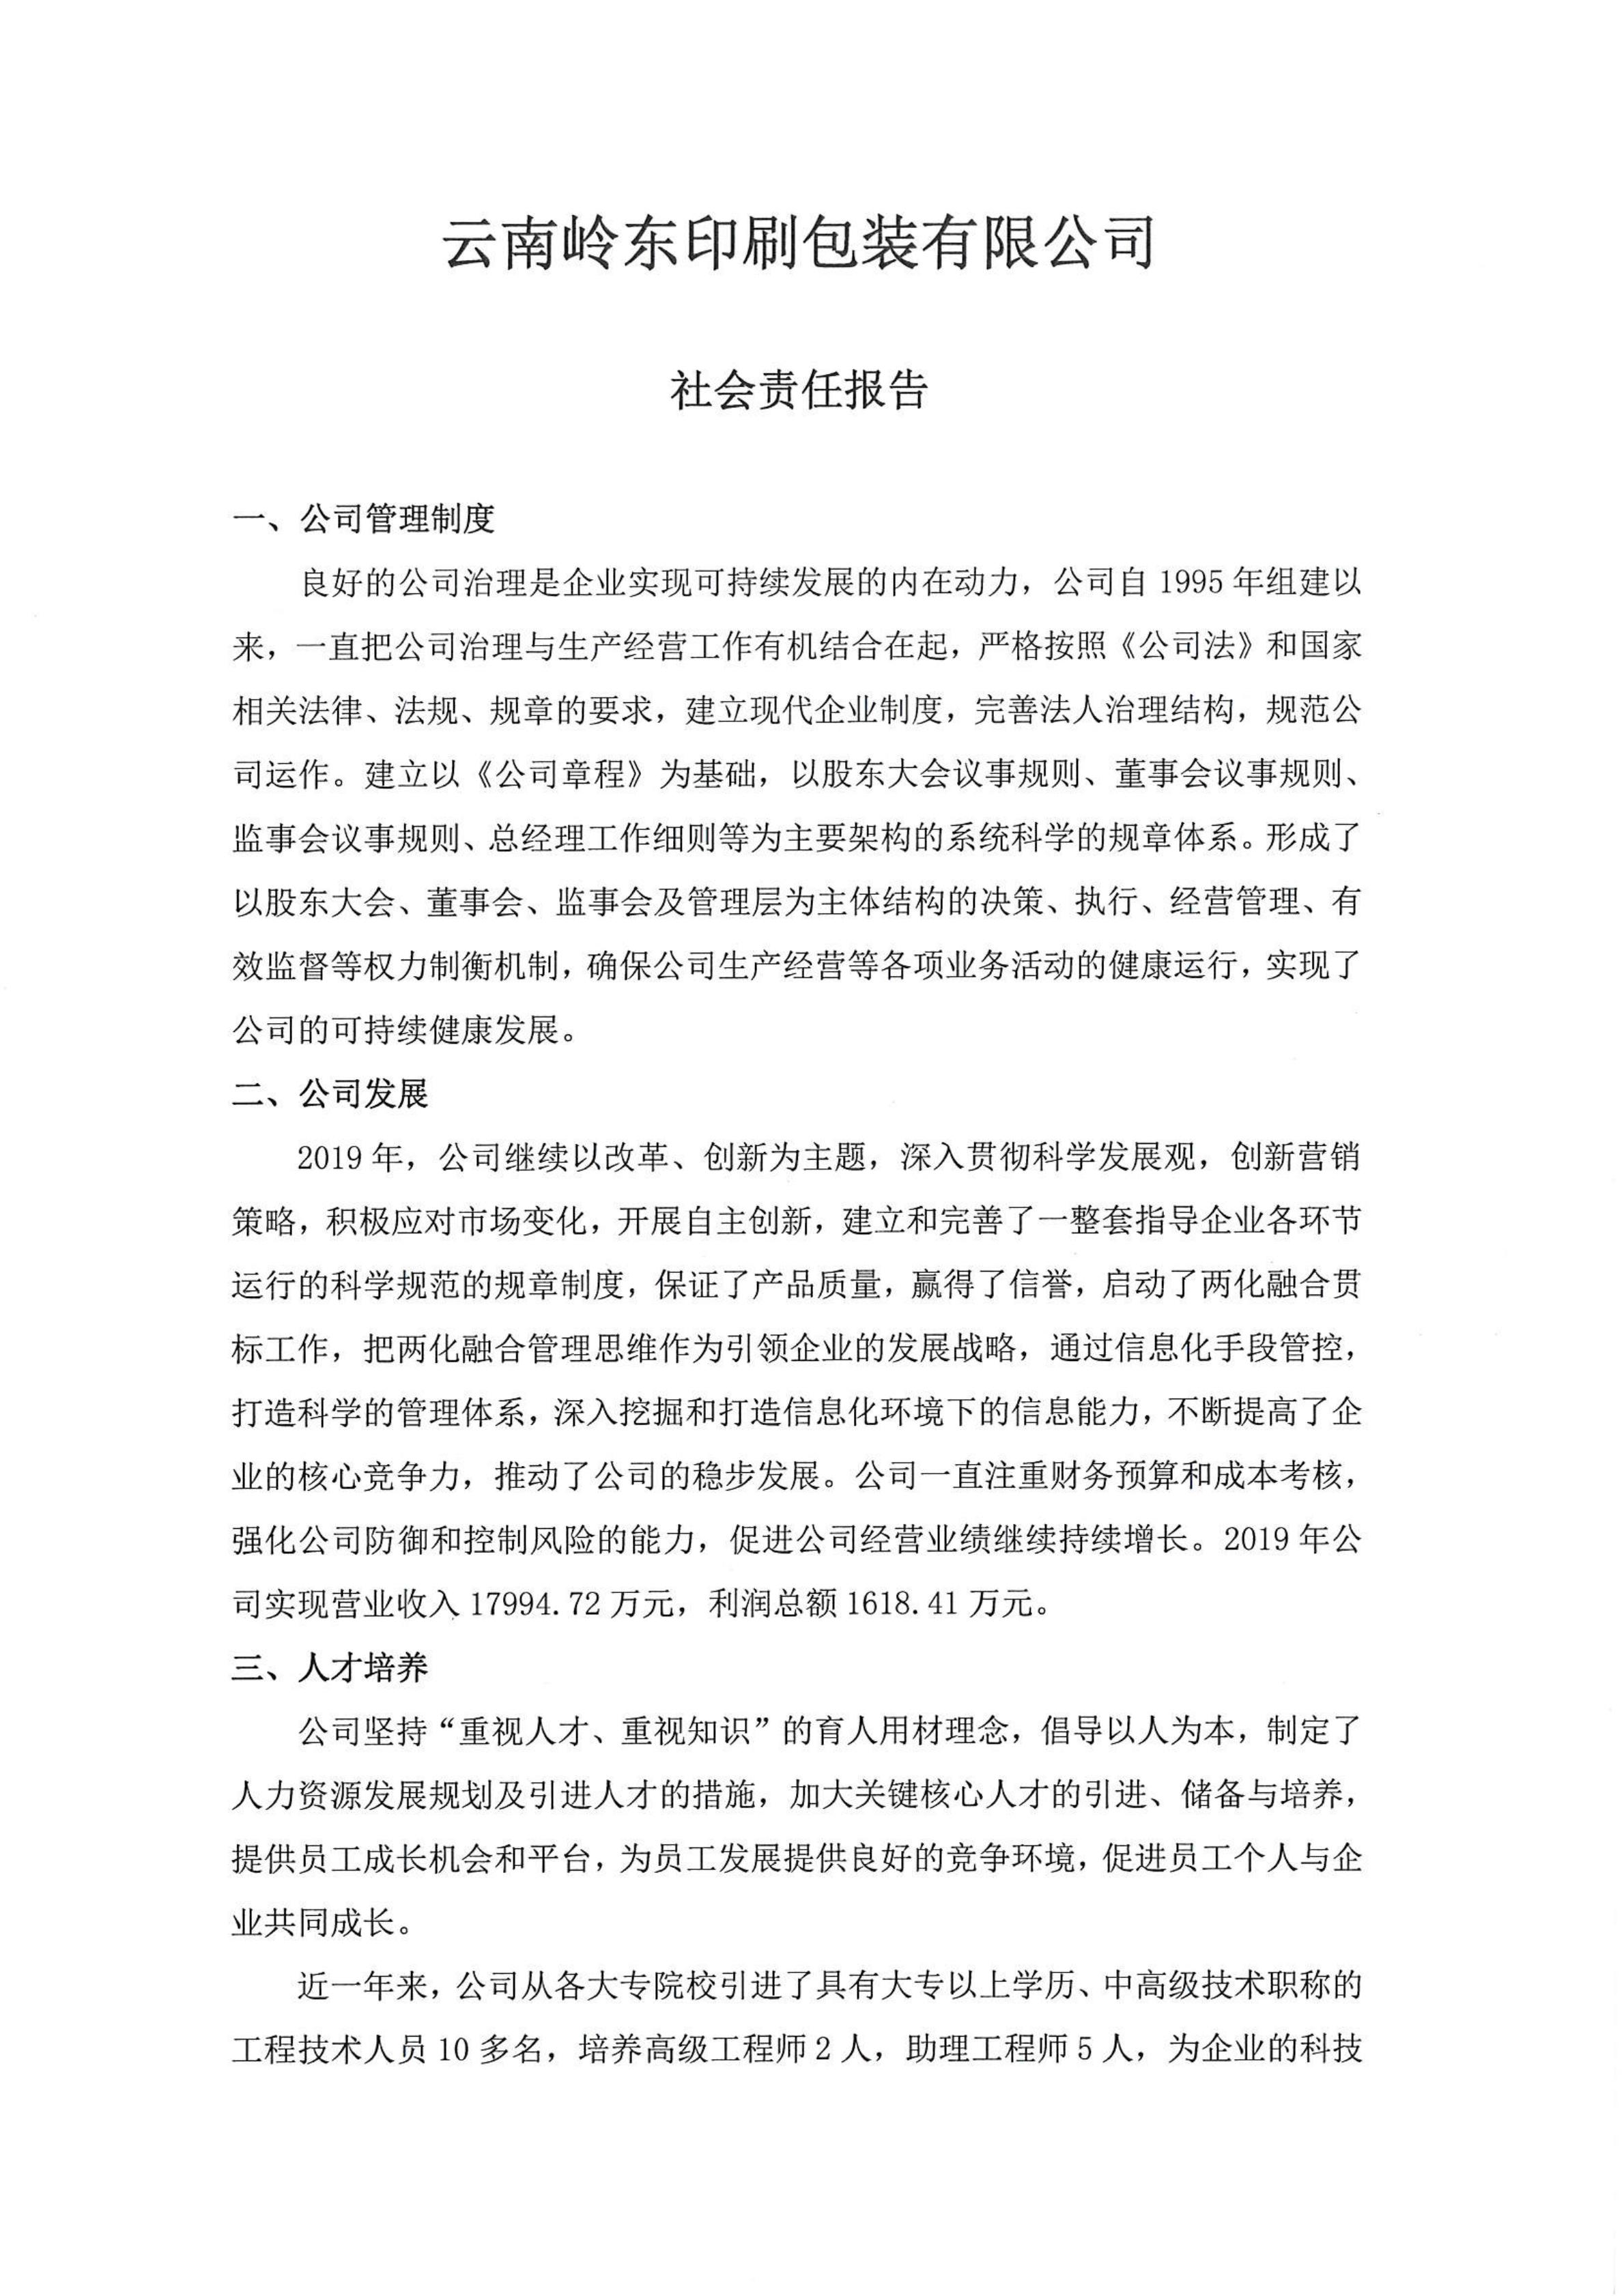 2019年度社会责任报告_00.png